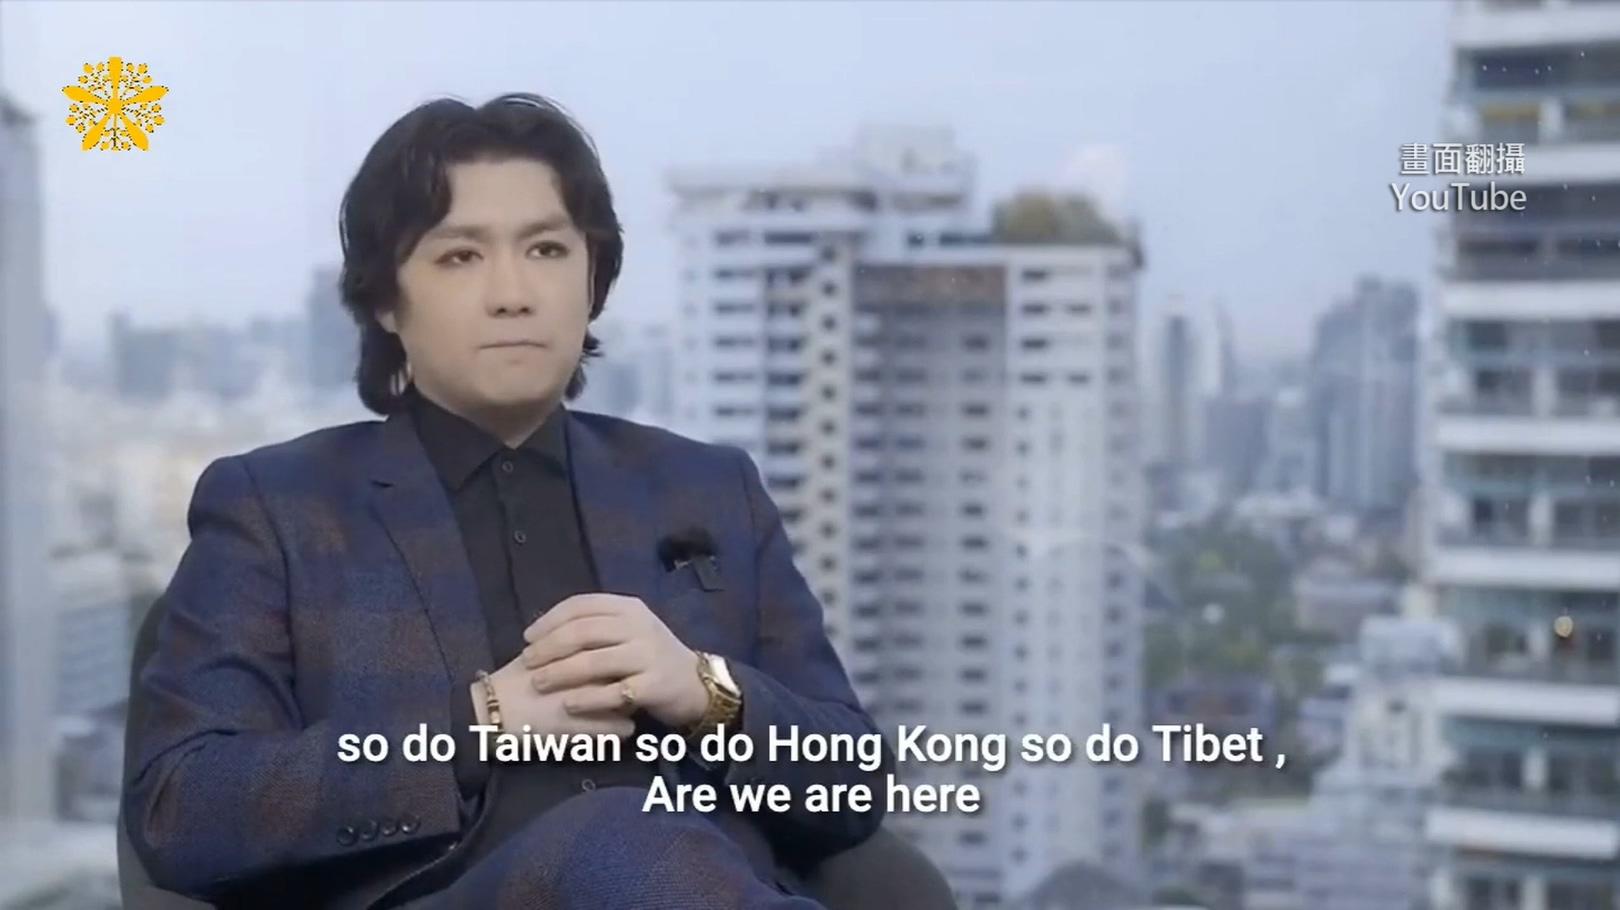 抓到了? 影曝中國干涉「山寨美選票」 月產50萬張